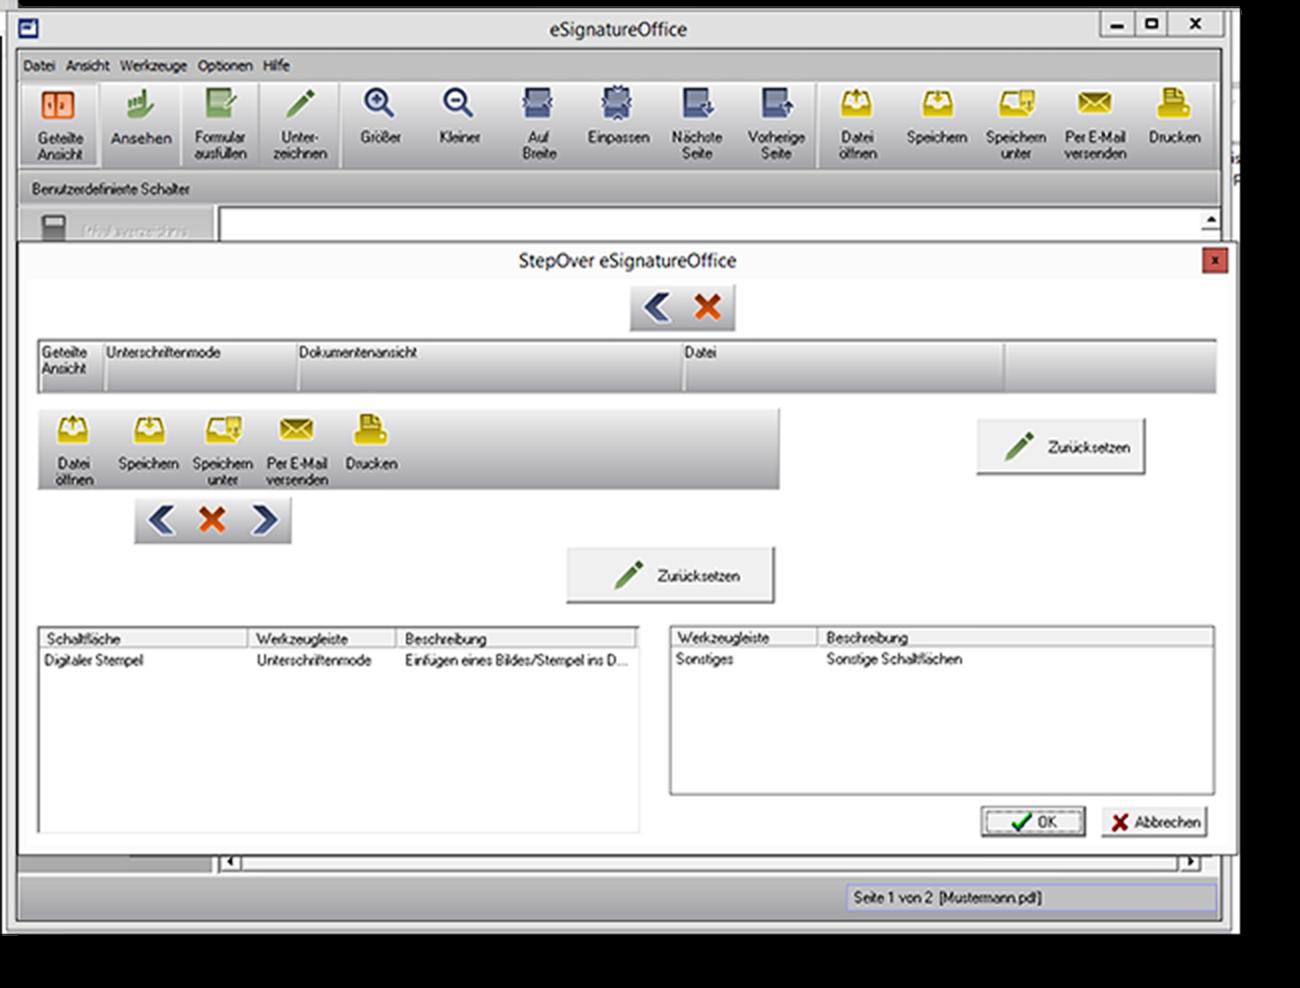 Trotz Standardanwendung - maximale Flexibilität  Nach der Unterzeichnung in eSignatureOffice kann das Dokument automatisch in der kundeninternen Bearbeitungskette weitergereicht werden.